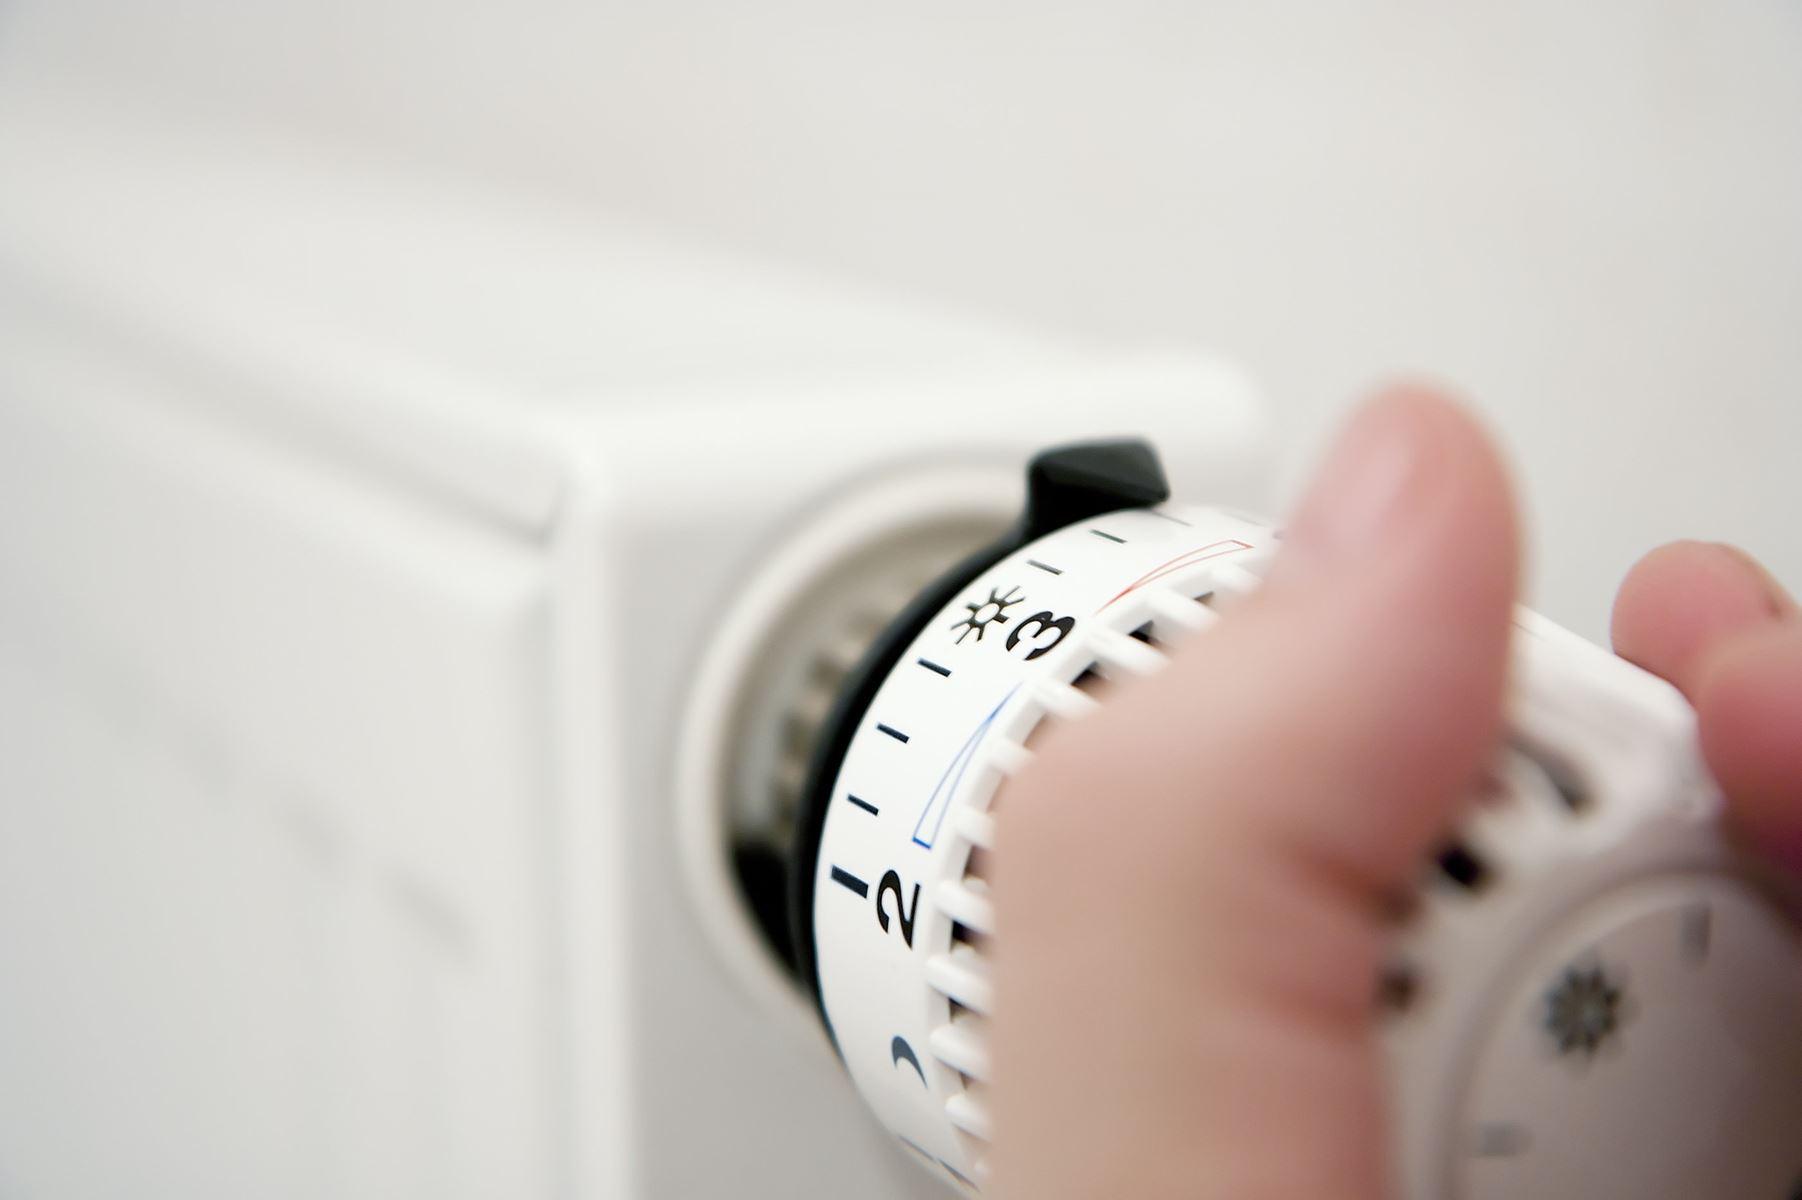 Skru langsomt ned for radiatoren indenfor, i takt med at vejret bliver varmere udenfor. Der kan være penge at spare - især for husejere.